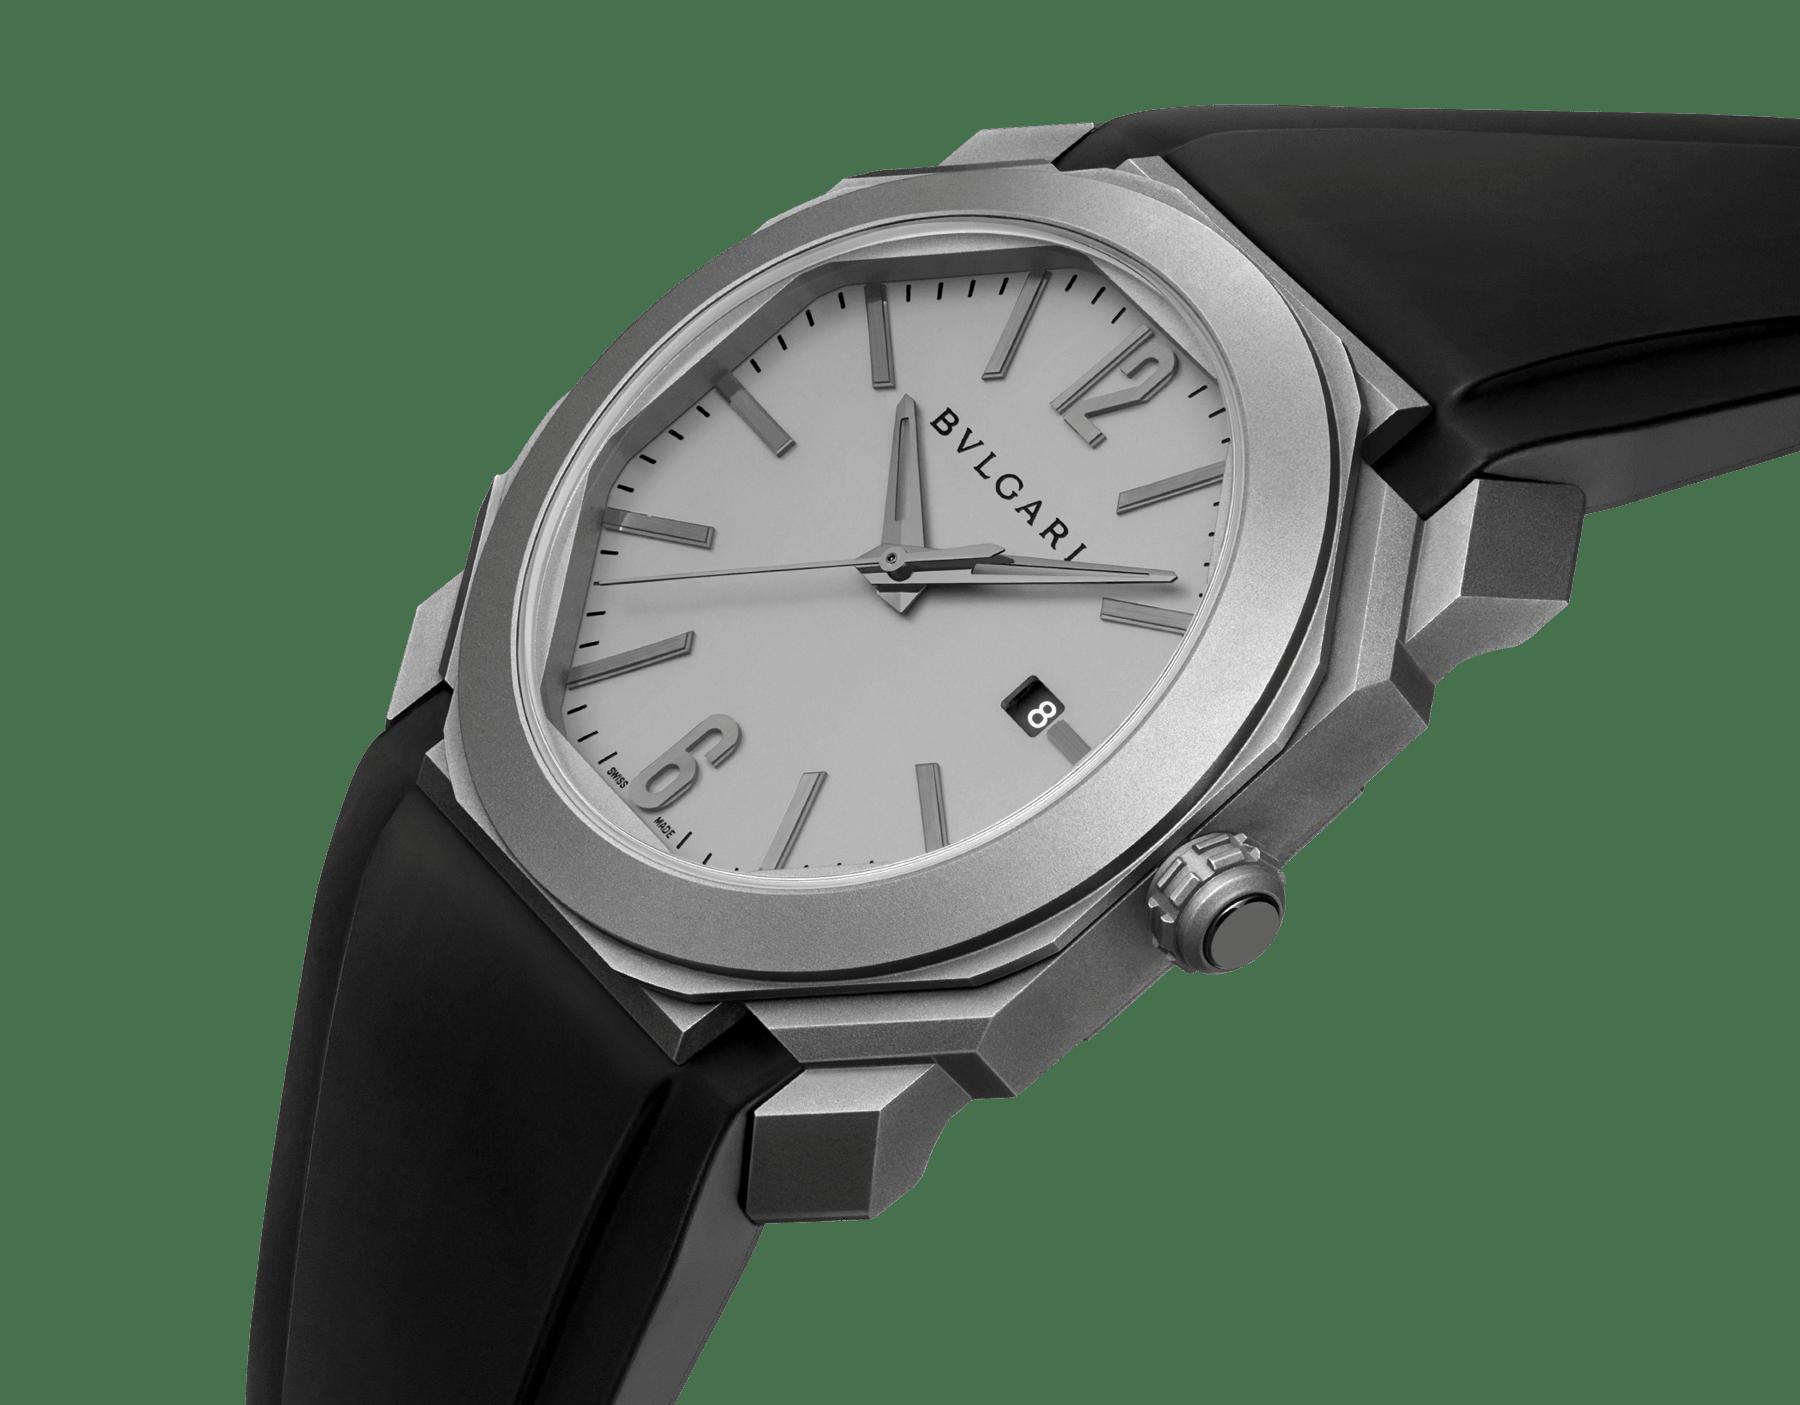 Octo L'Originale Uhr mit mechanischem Manufakturwerk, Automatikaufzug, Datumsanzeige mit augenblicklichem Datumswechsel, Gehäuse und Zifferblatt aus Titan und schwarzem Kautschukarmband 102858 image 2